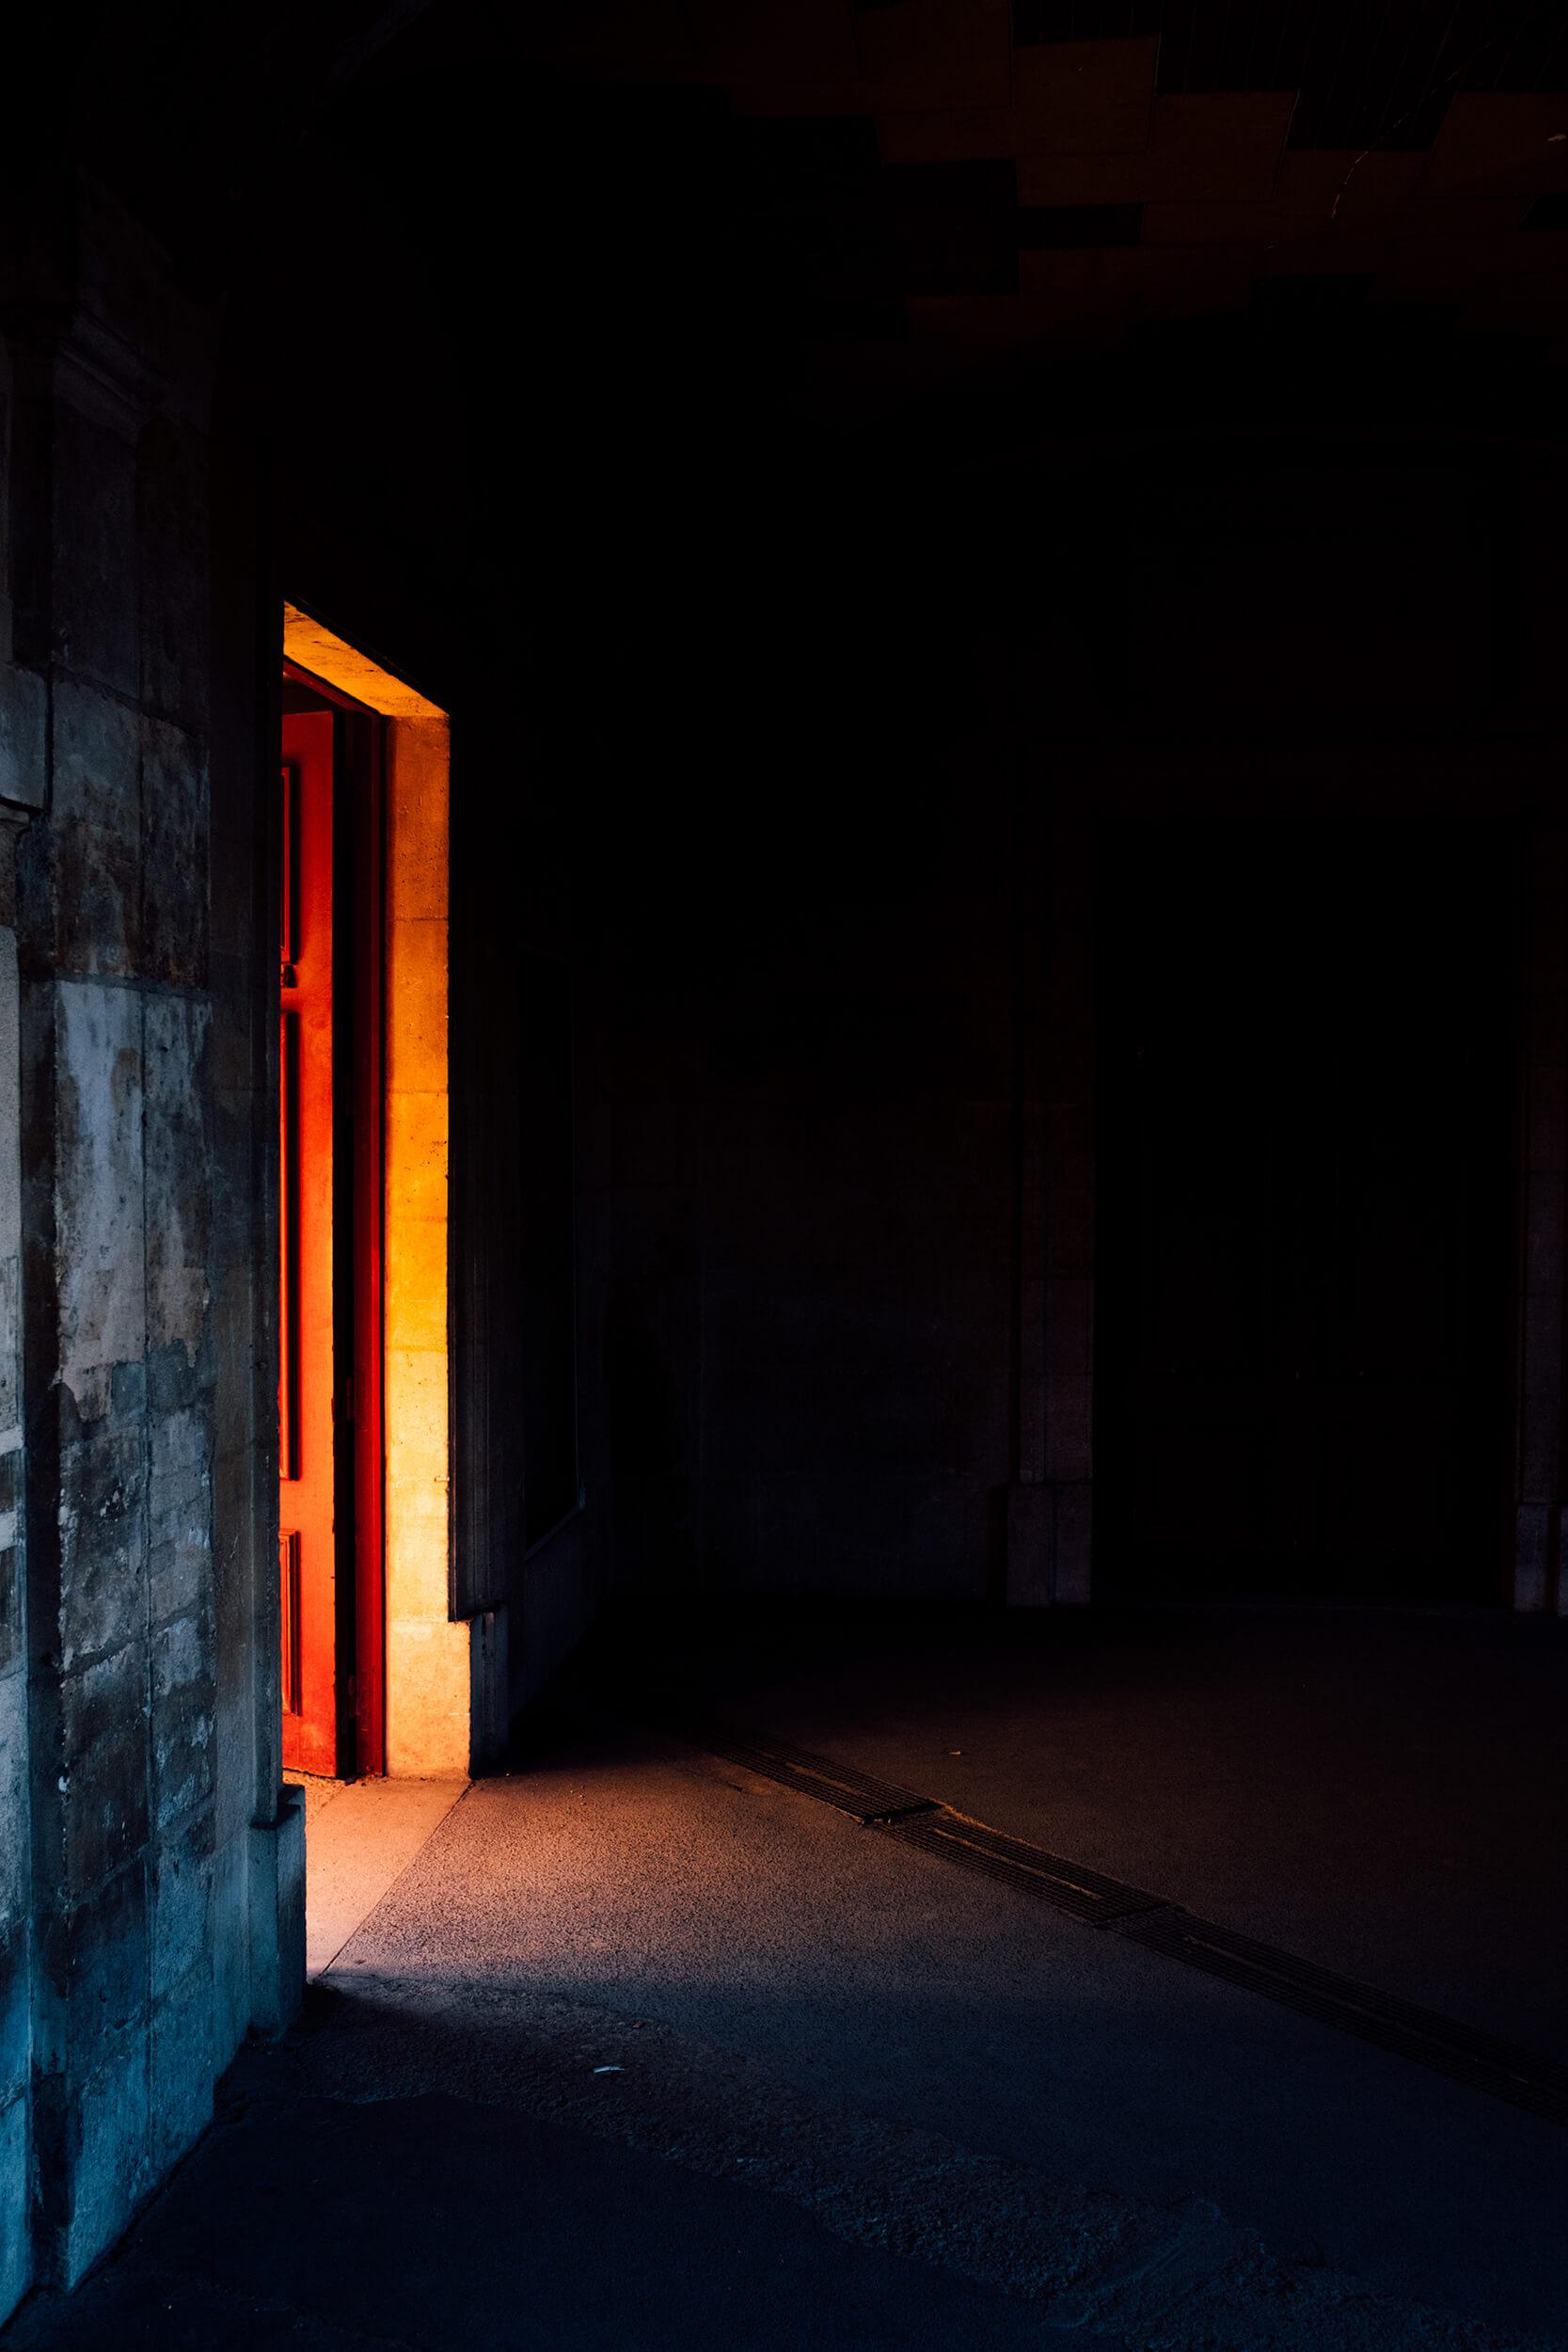 mystic-paris-door-light.jpg